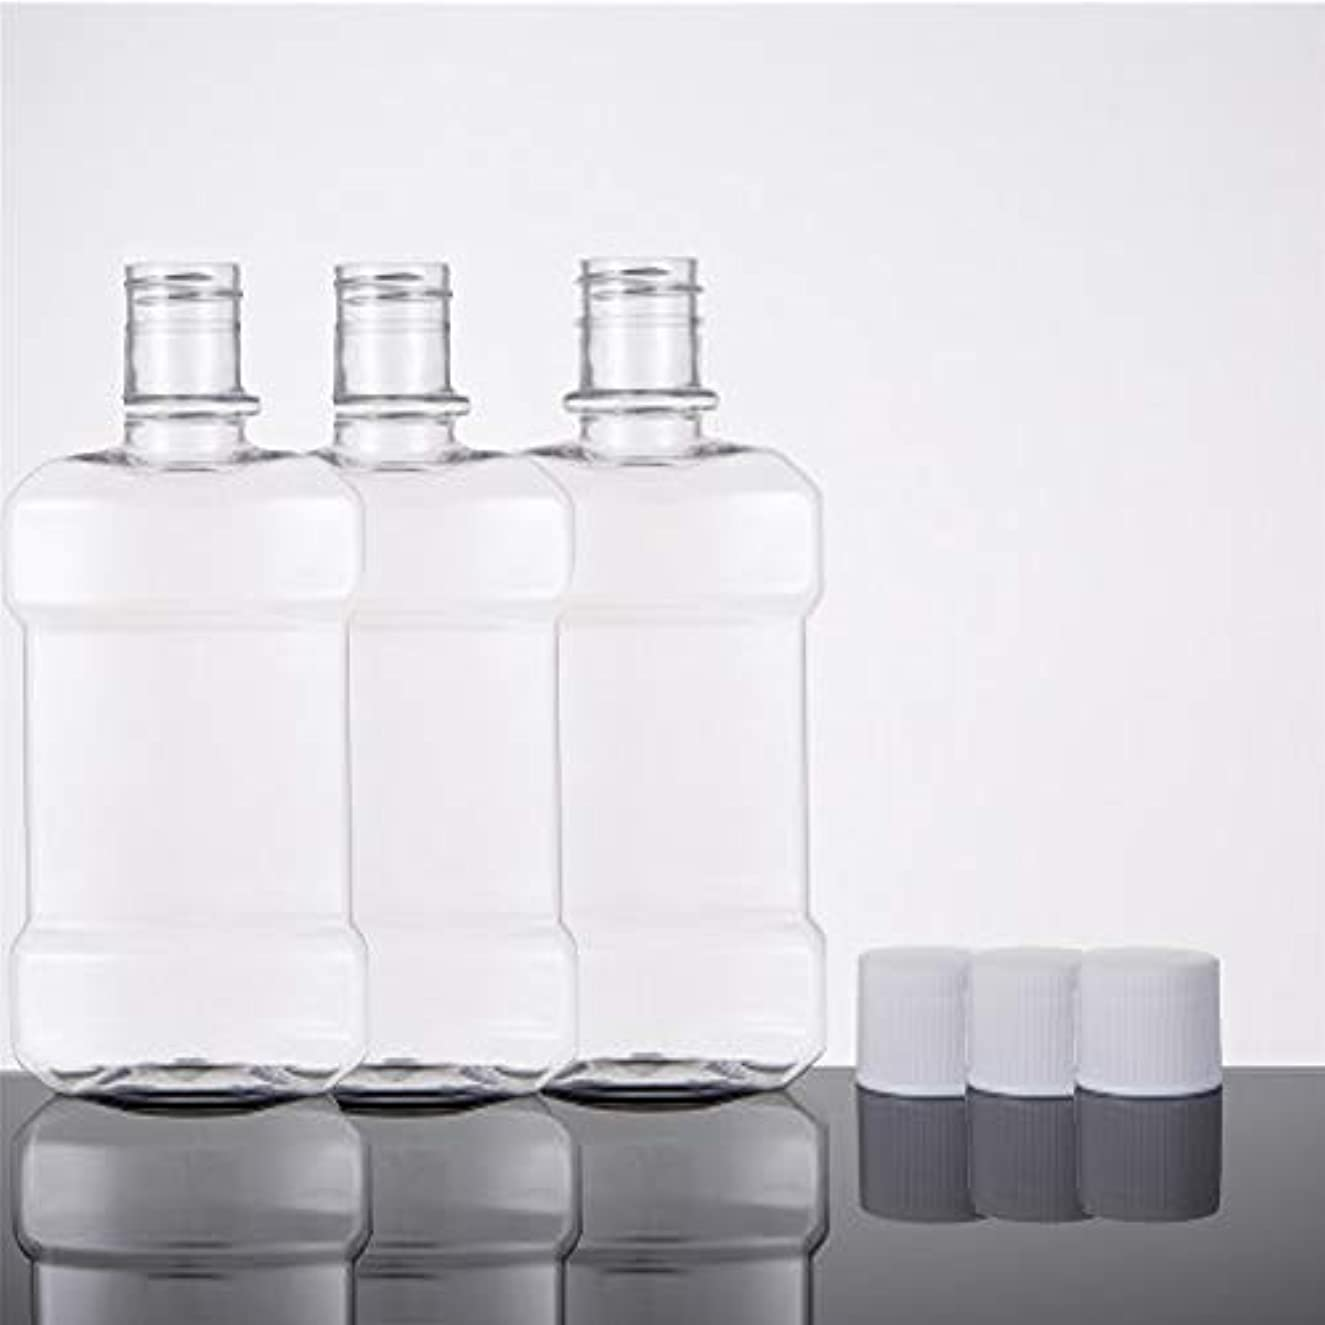 ラインパズルいいねSHKI マウスウォッシュ専用詰め替えボトル 250ml*3個 空ボトル 3個セット 持ち運び便利